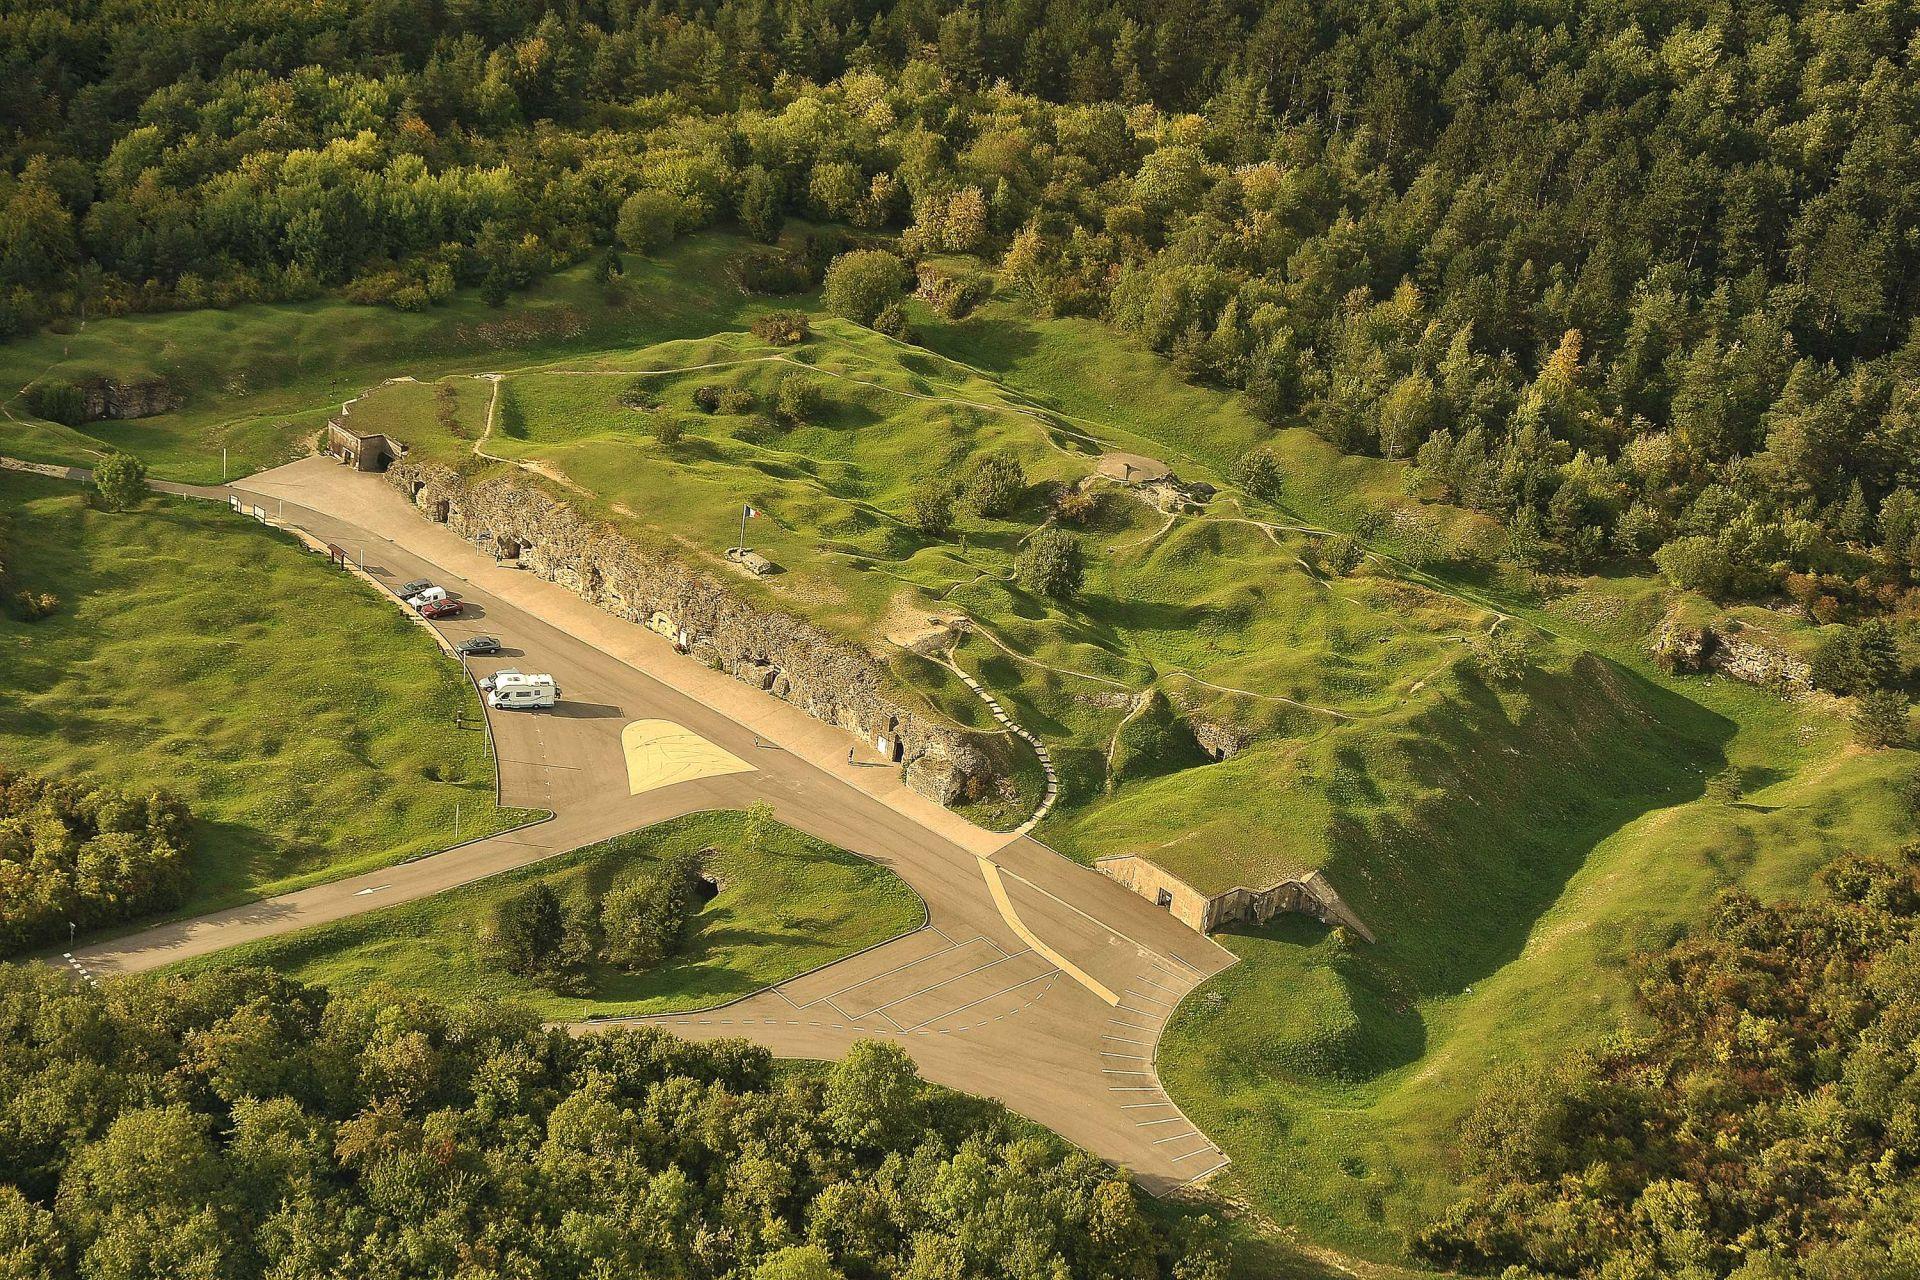 Fort de vaux lorraine tourisme - Verdun office du tourisme ...